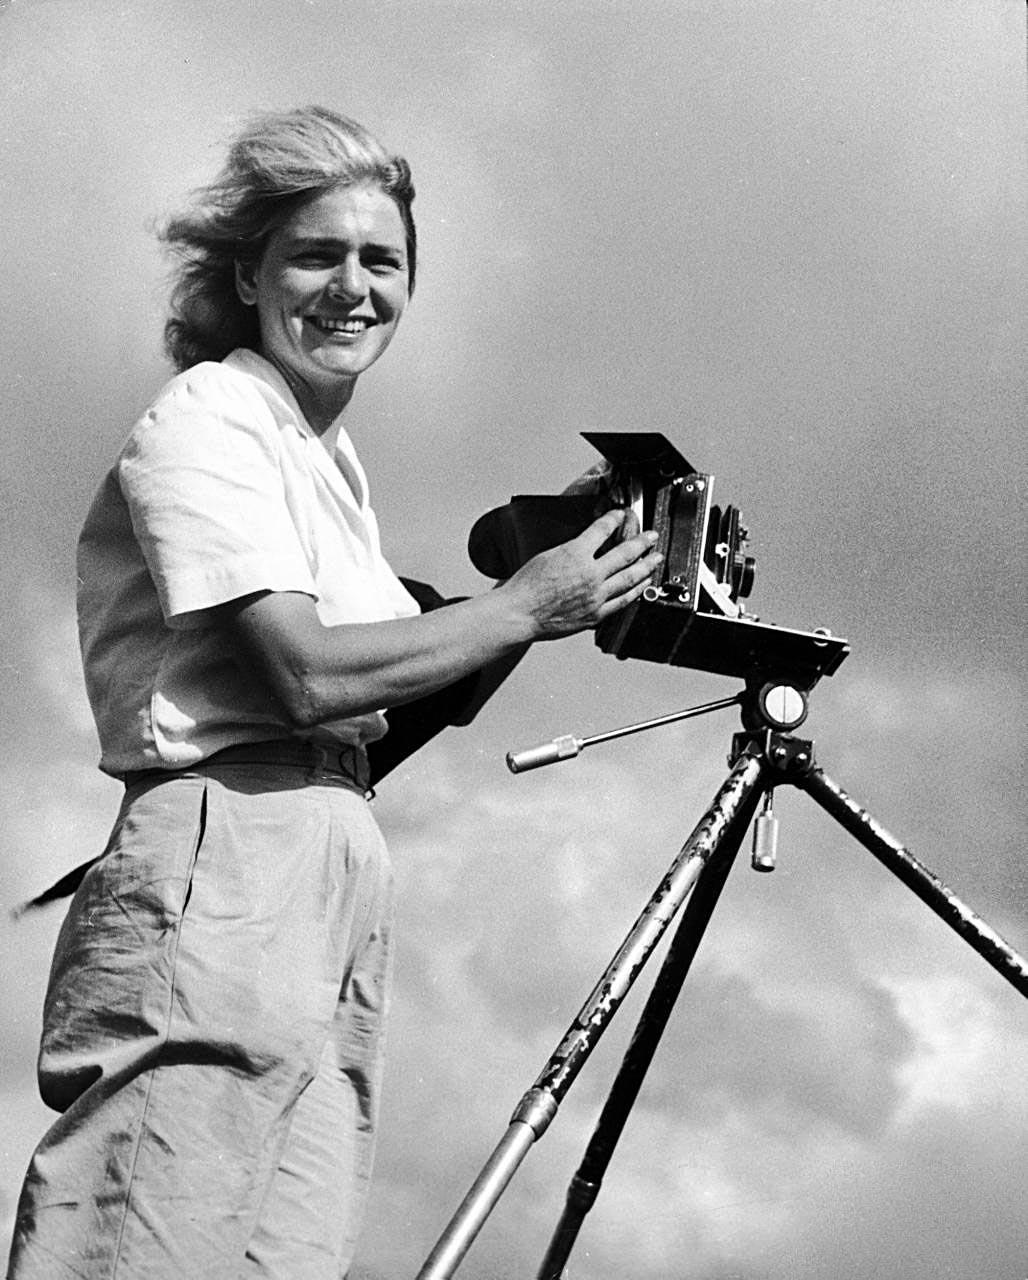 a description of margaret bourke as a famous photgrapher